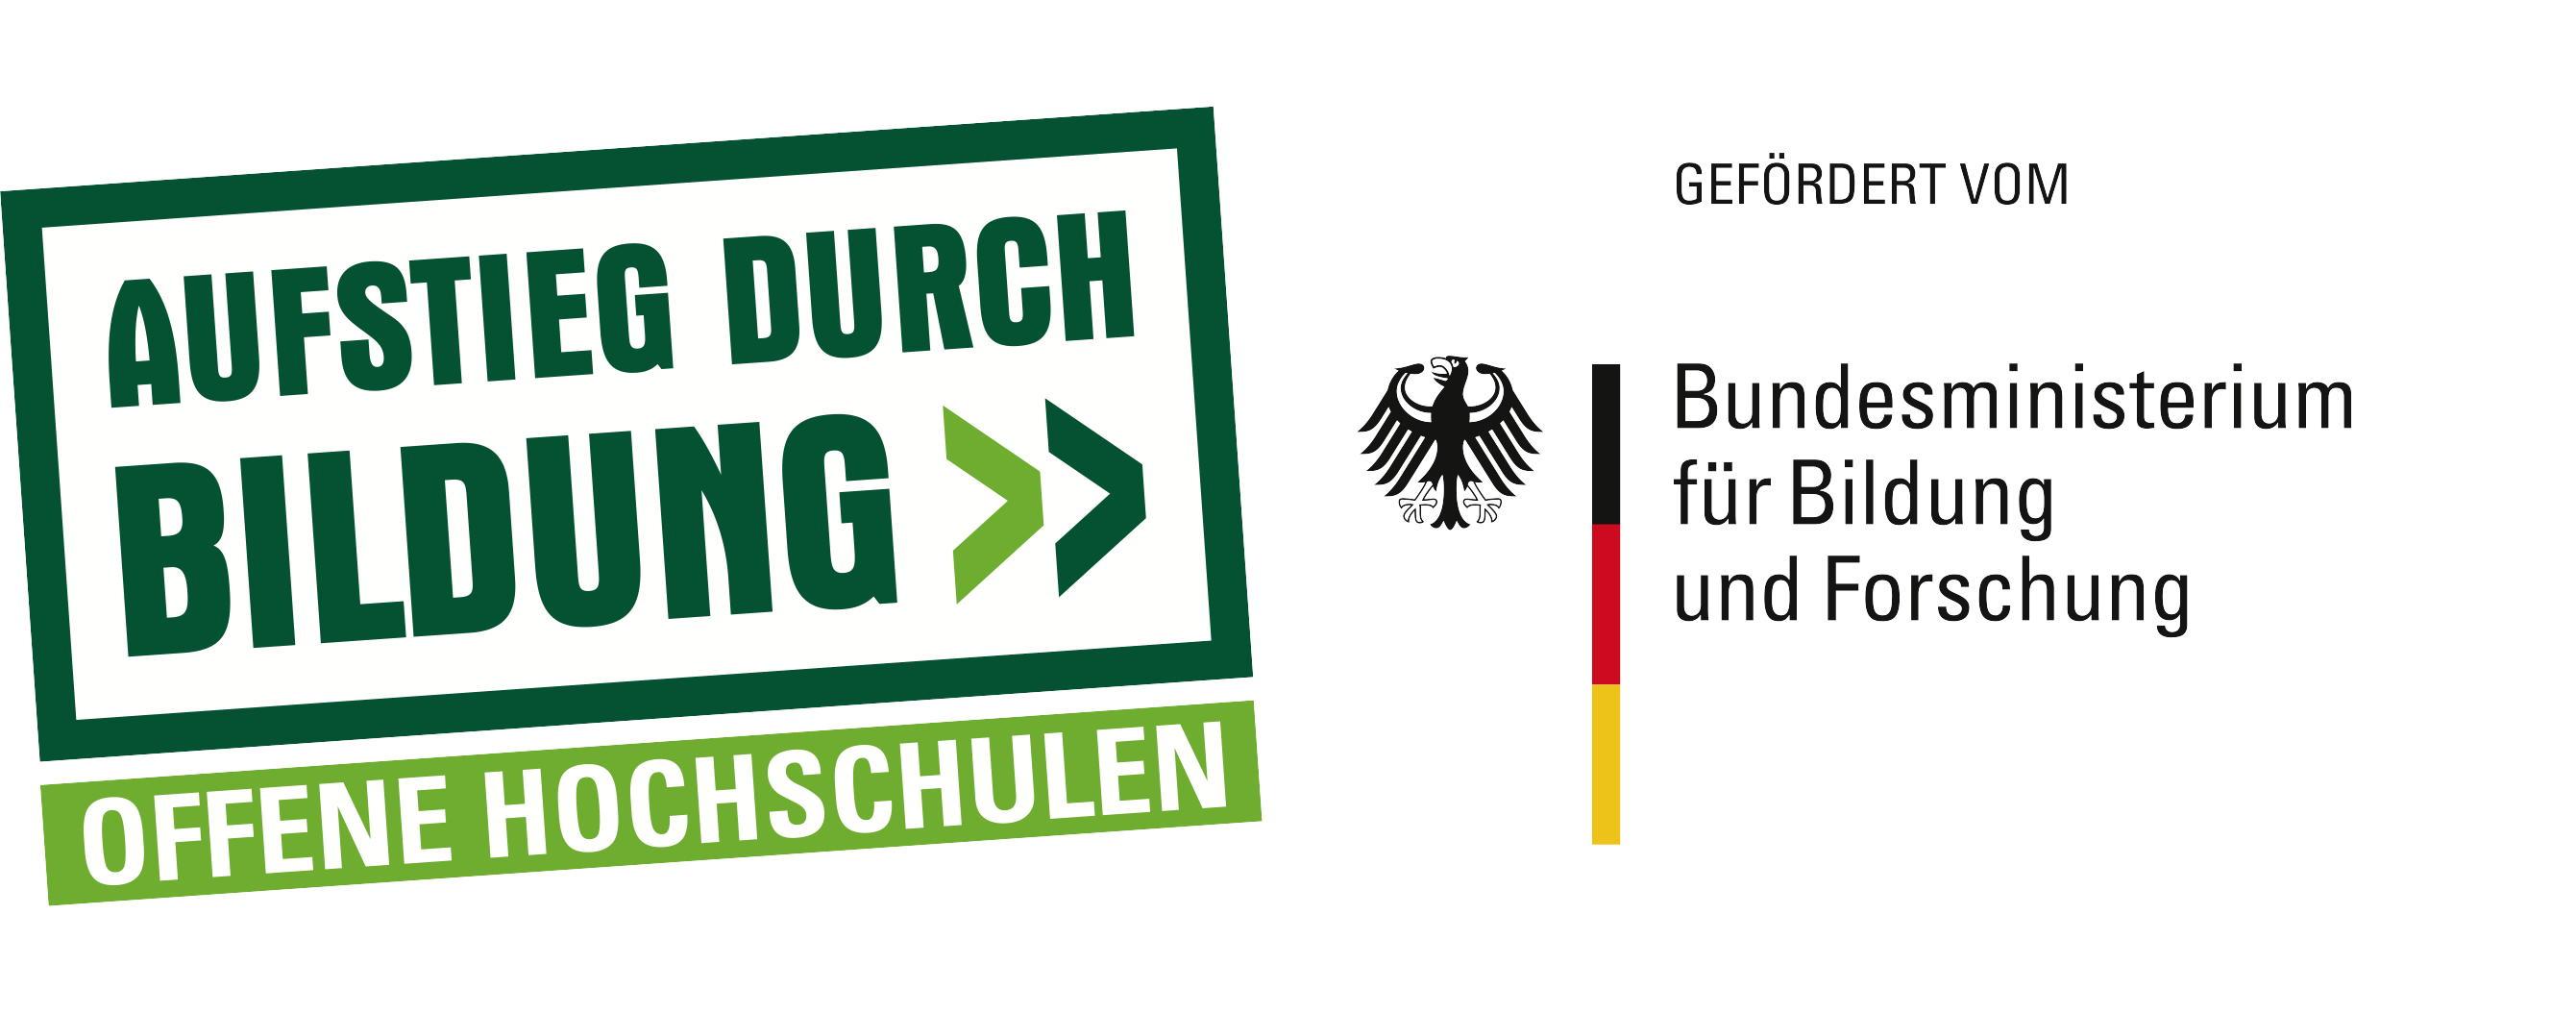 Logo: Aufstieg durch Bildung, offene Hochschulen, gefördert vom  Bundesministerium für Bildung und Forschung. Die TUM